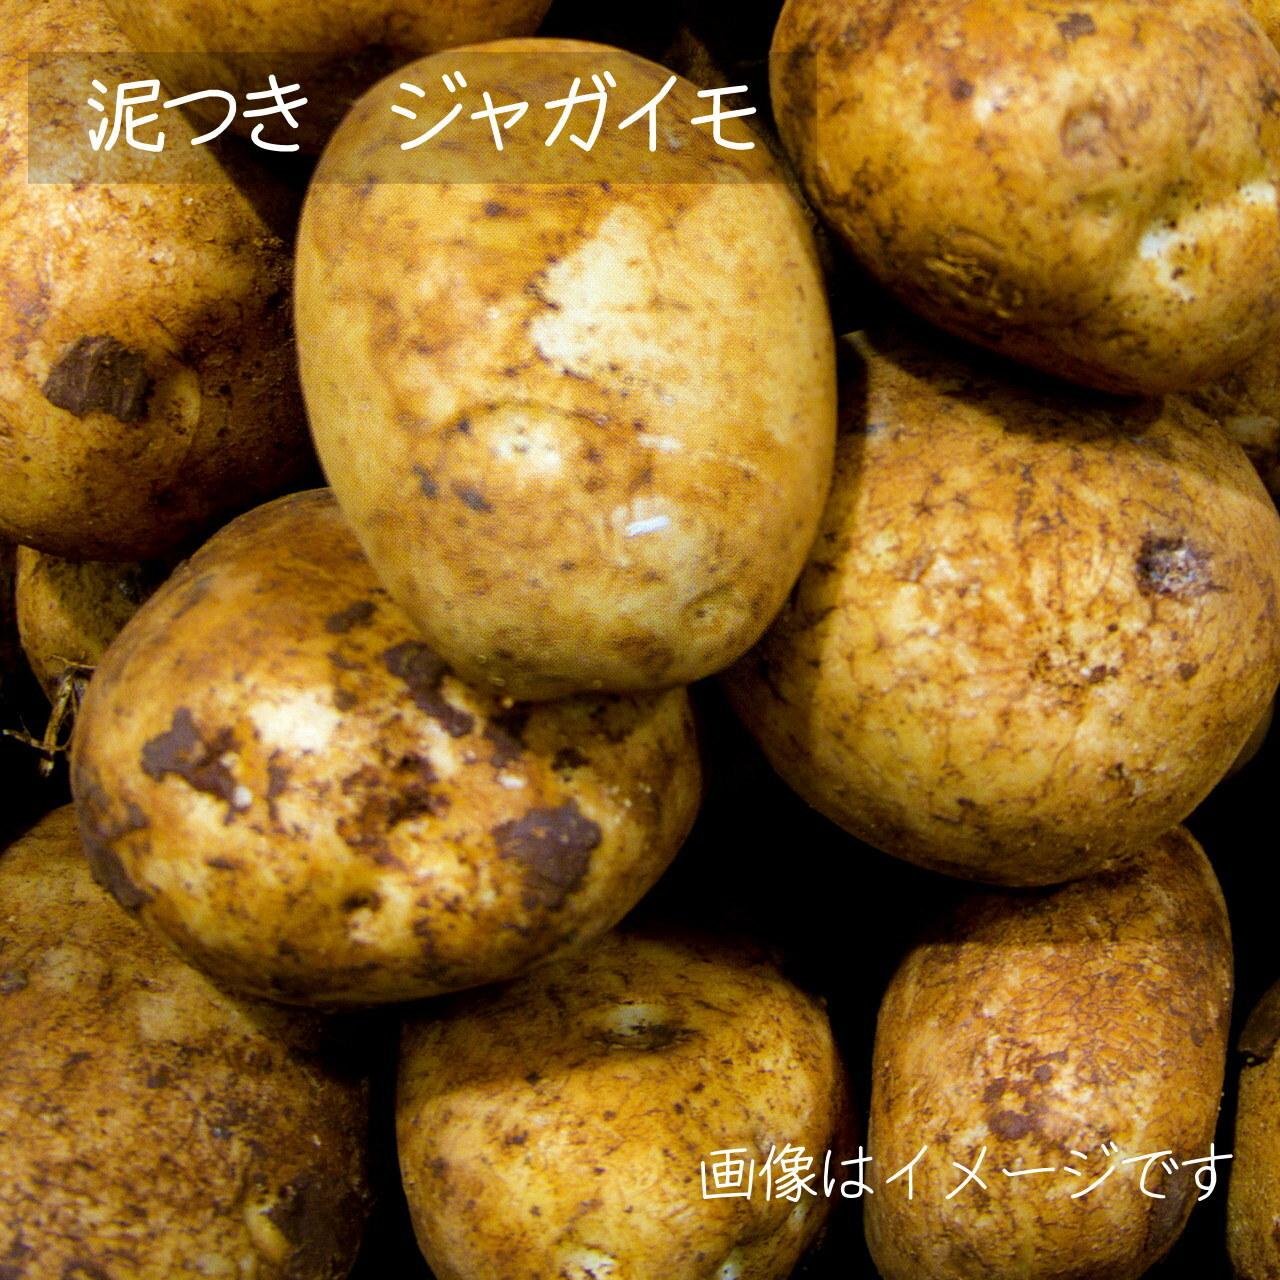 4月の朝採り直売野菜 ジャガイモ 4~5個 4月27日発送予定